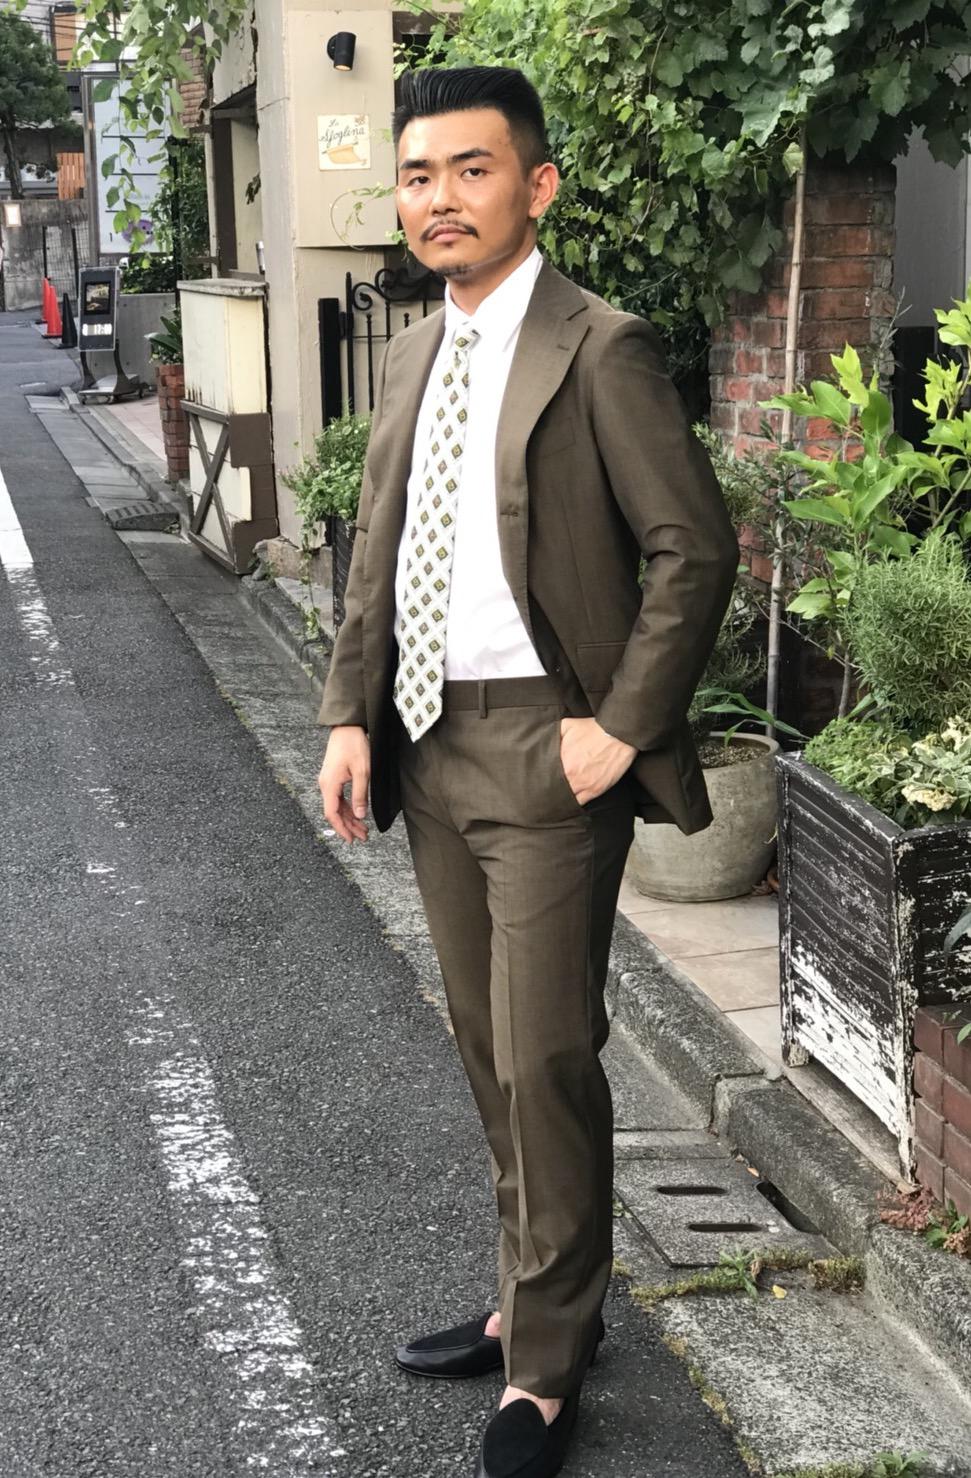 セールスタイリング紹介<br>〜刈り上げ師匠〜編